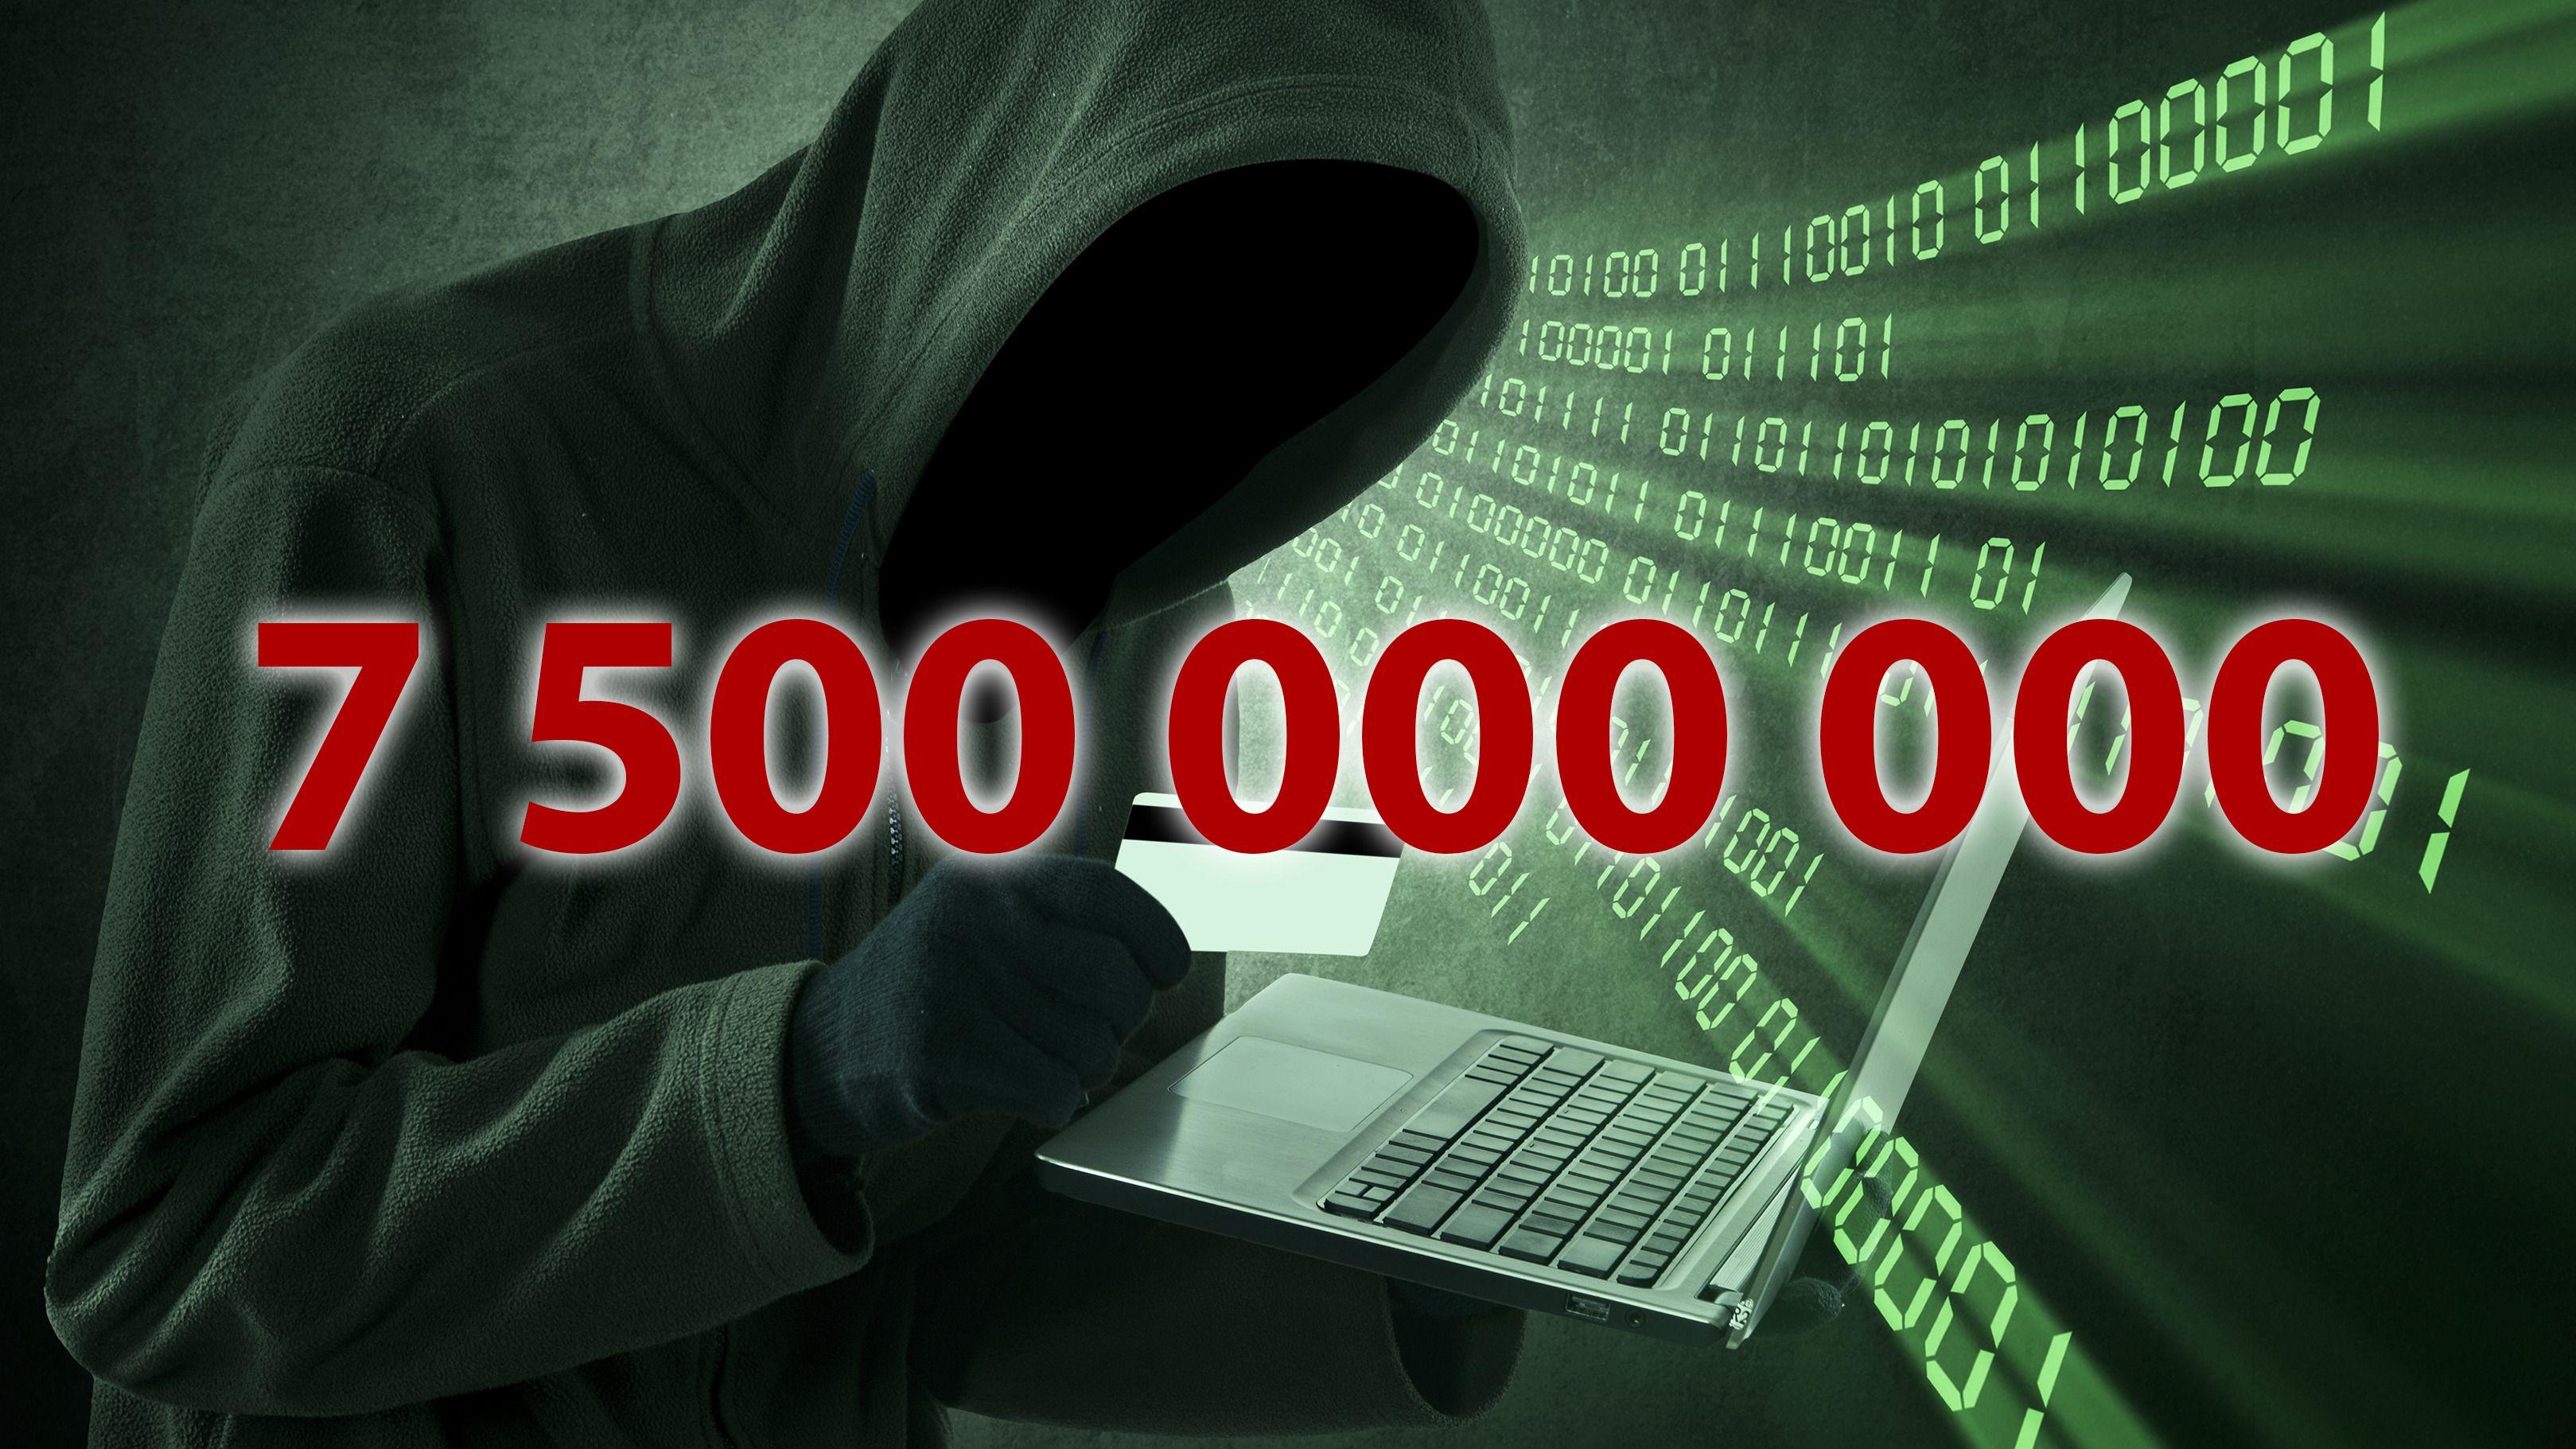 Kan være historiens største cyberraid